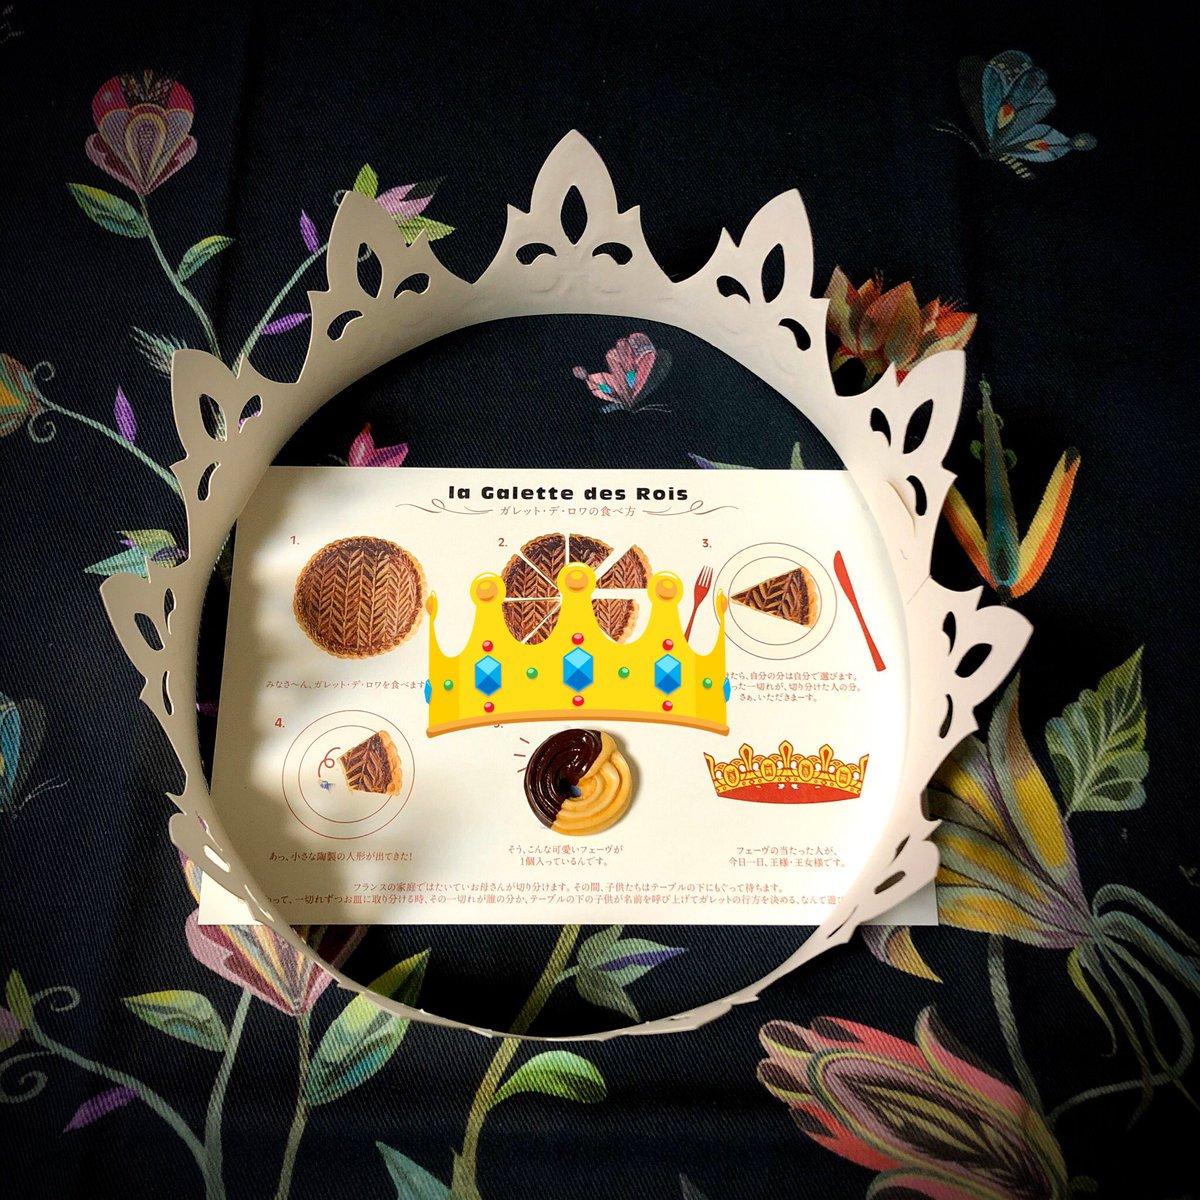 #エーグルドゥース ガレットオーマロンのフェーブ 半分を食べた所で当たった 今シーズン100%  spritz (Spritz de Noël) ロレーヌ、アルザス地方、ドイツでクリスマスに食べる伝統的なクリスマスクッキー#ガレットデロワ #フェーヴpic.twitter.com/uj4WI4E4Hp